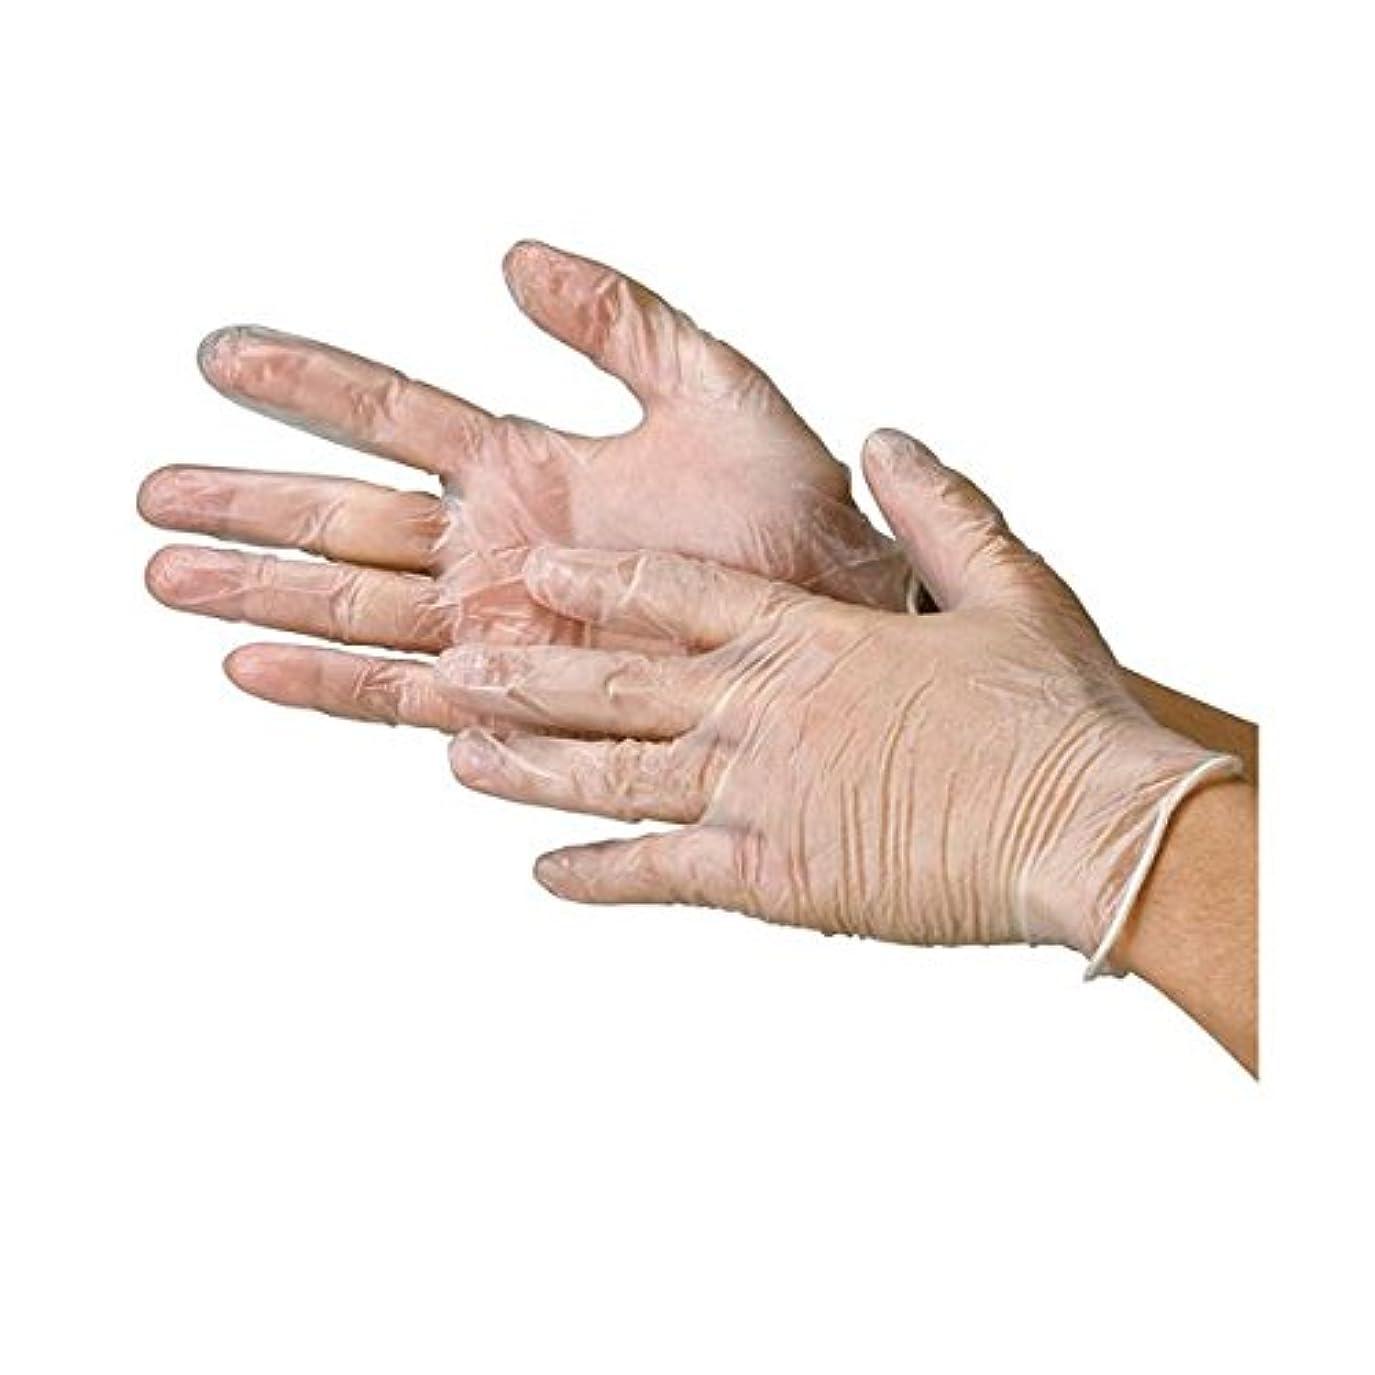 電子レンジ先のことを考える不忠川西工業 ビニール極薄手袋 粉なし S 20箱 ds-1915776